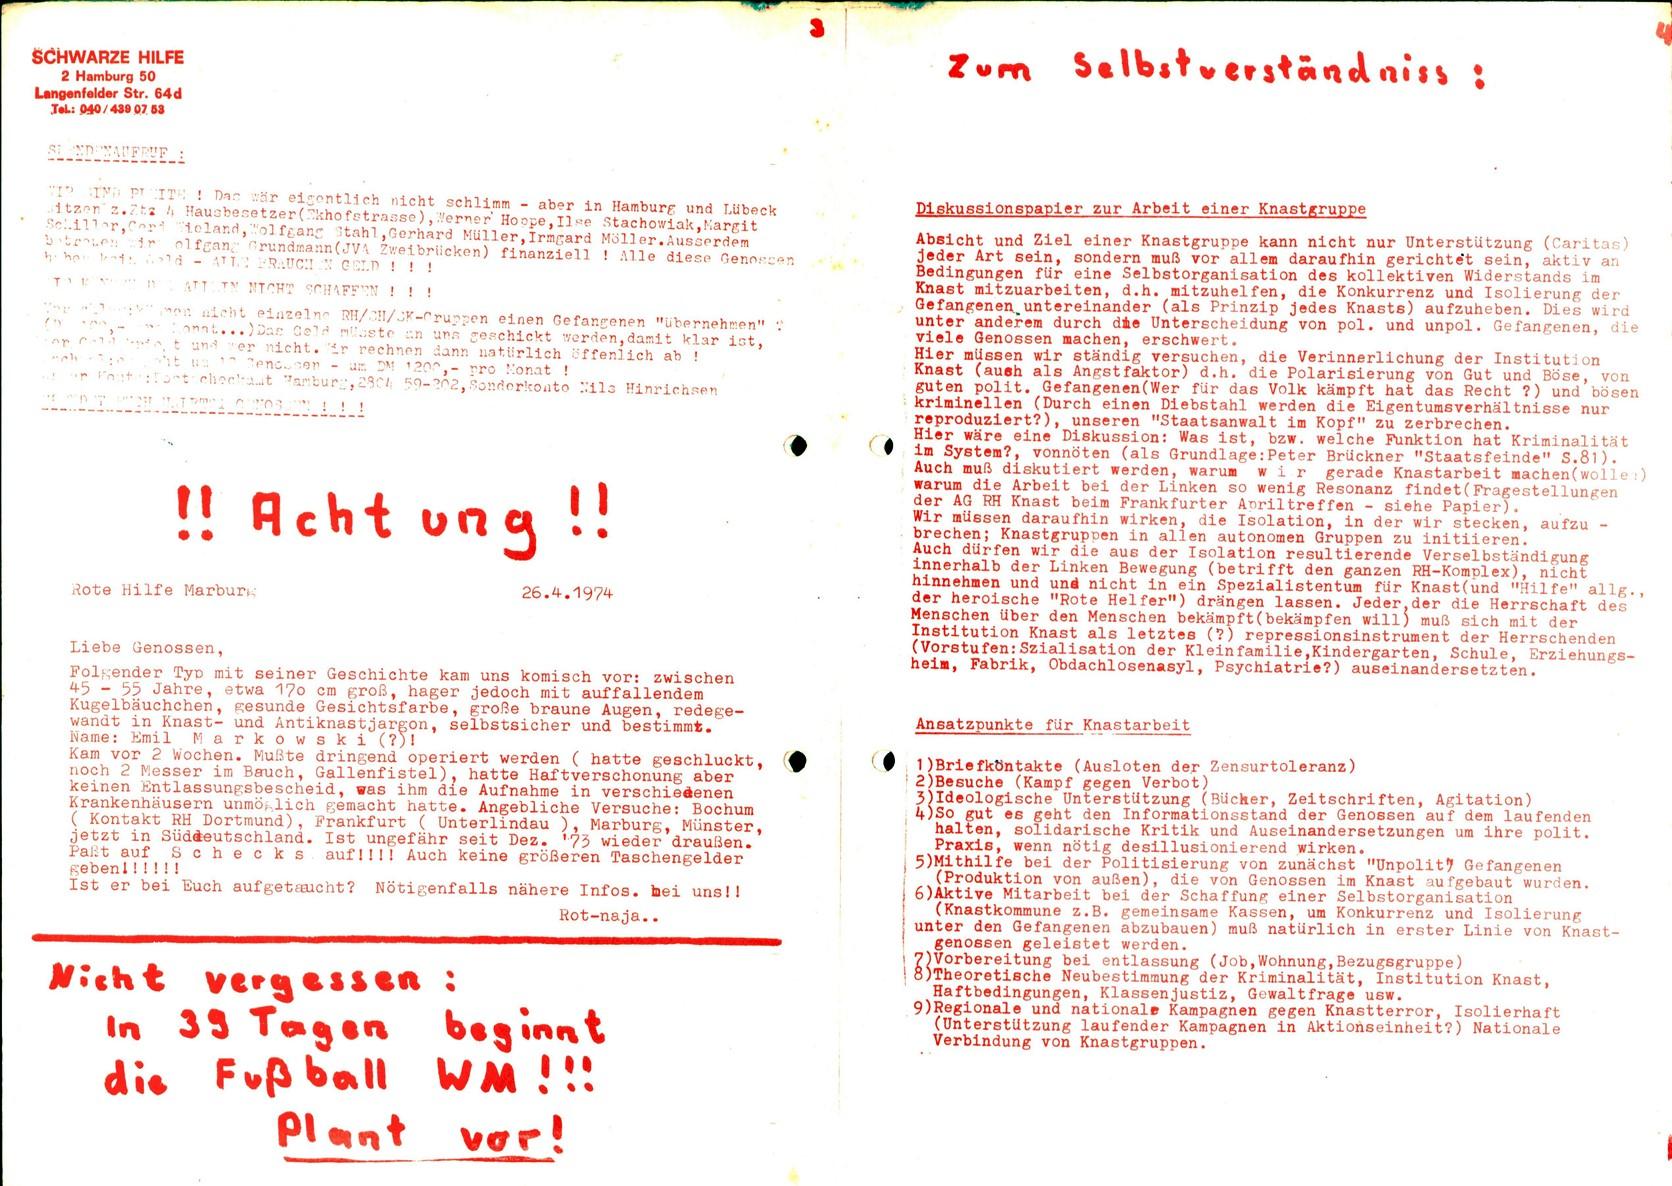 Rote_Hilfe_Info_der_RH_SK_SH_Gruppen_1974_01_03